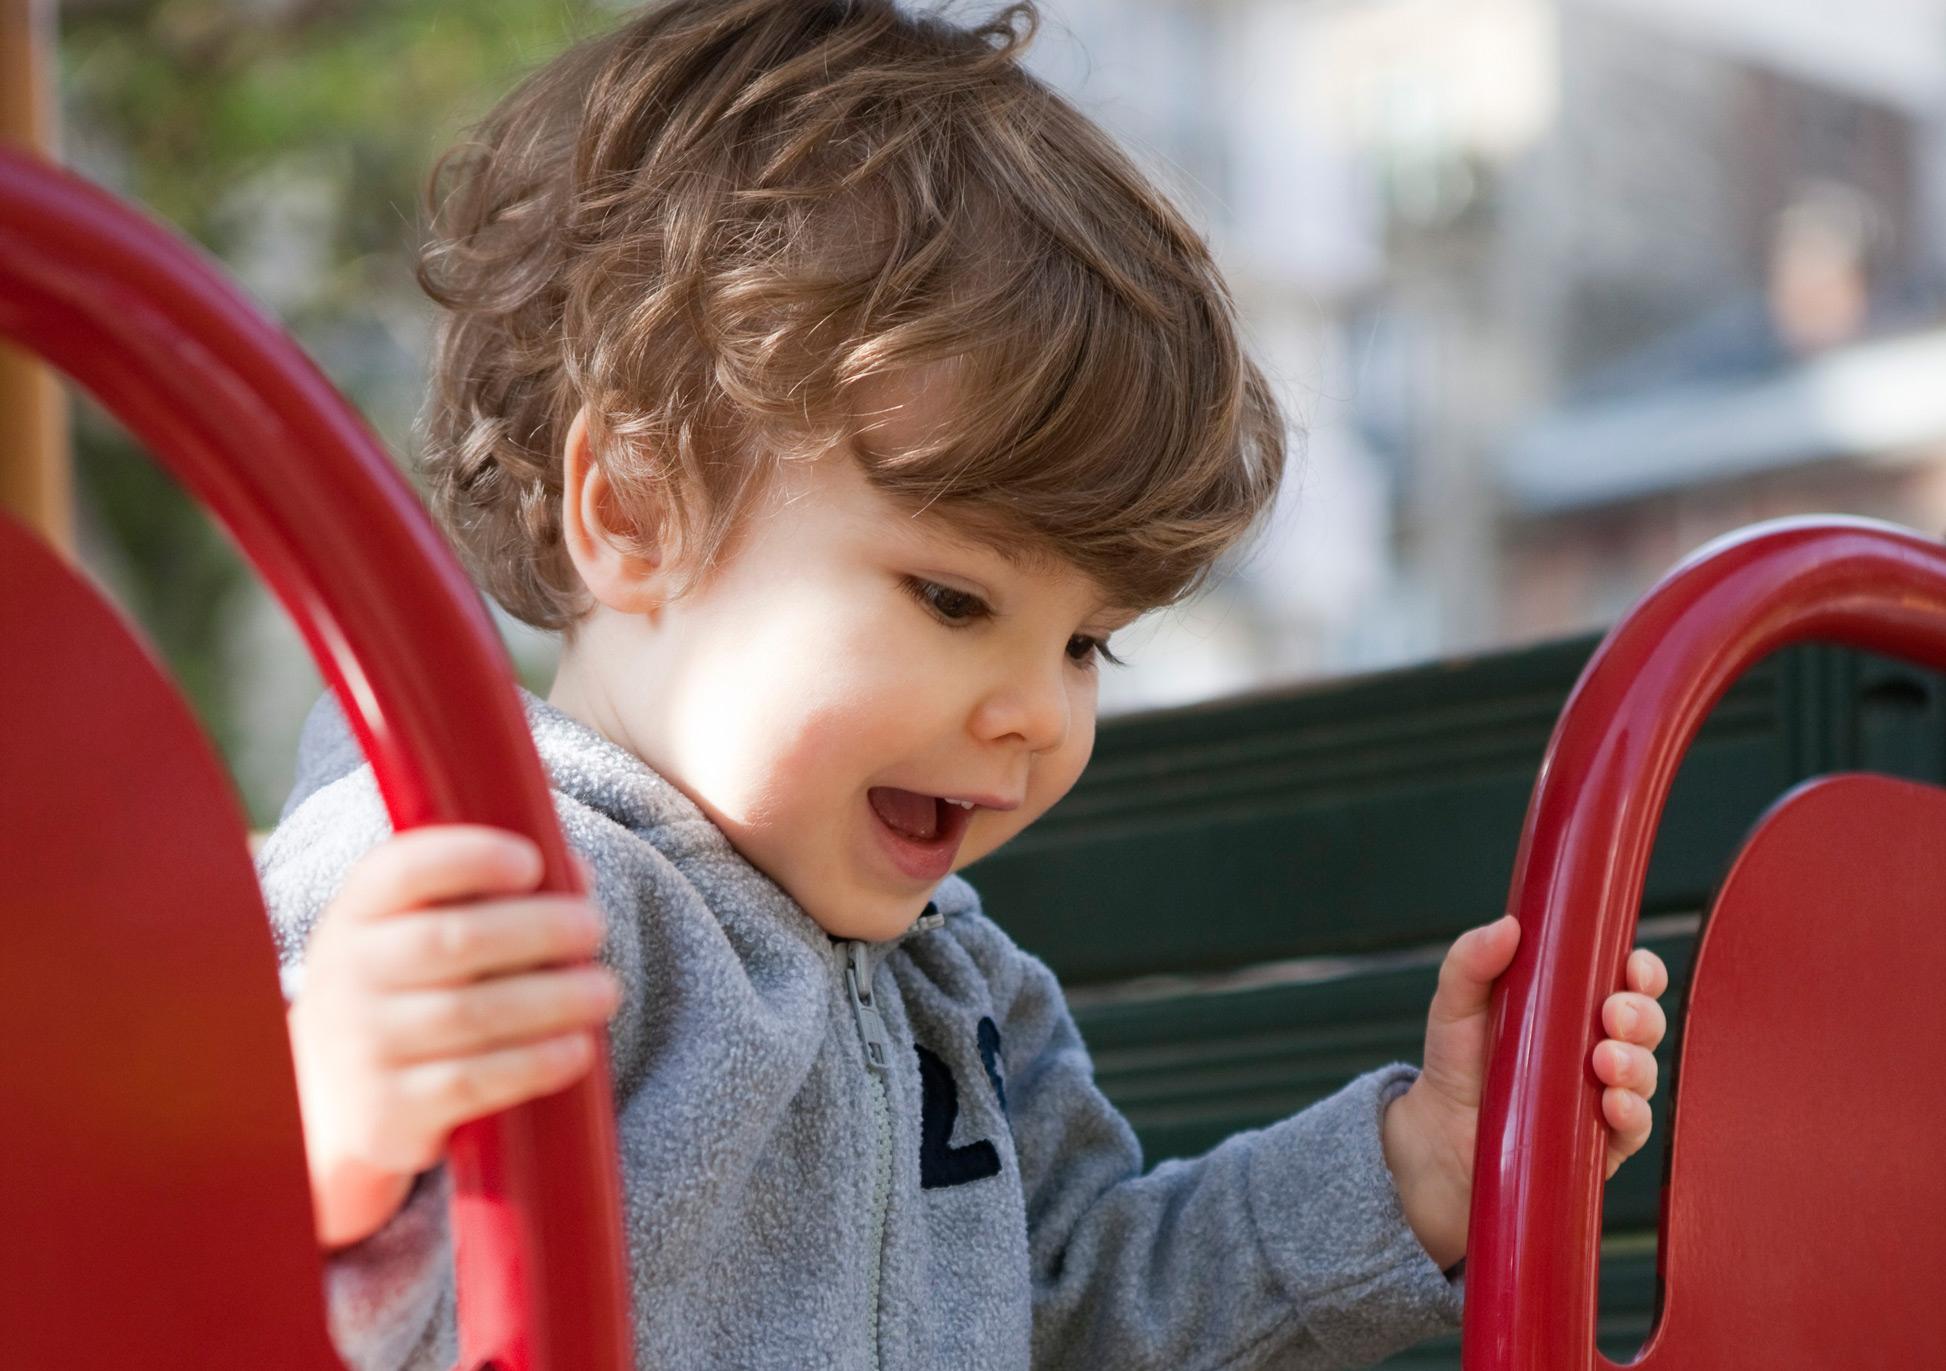 3 À 6 Ans : Savoir Choisir Le Bon Jeu Pour Son Enfant encequiconcerne Jeux De Intelligence De Fille